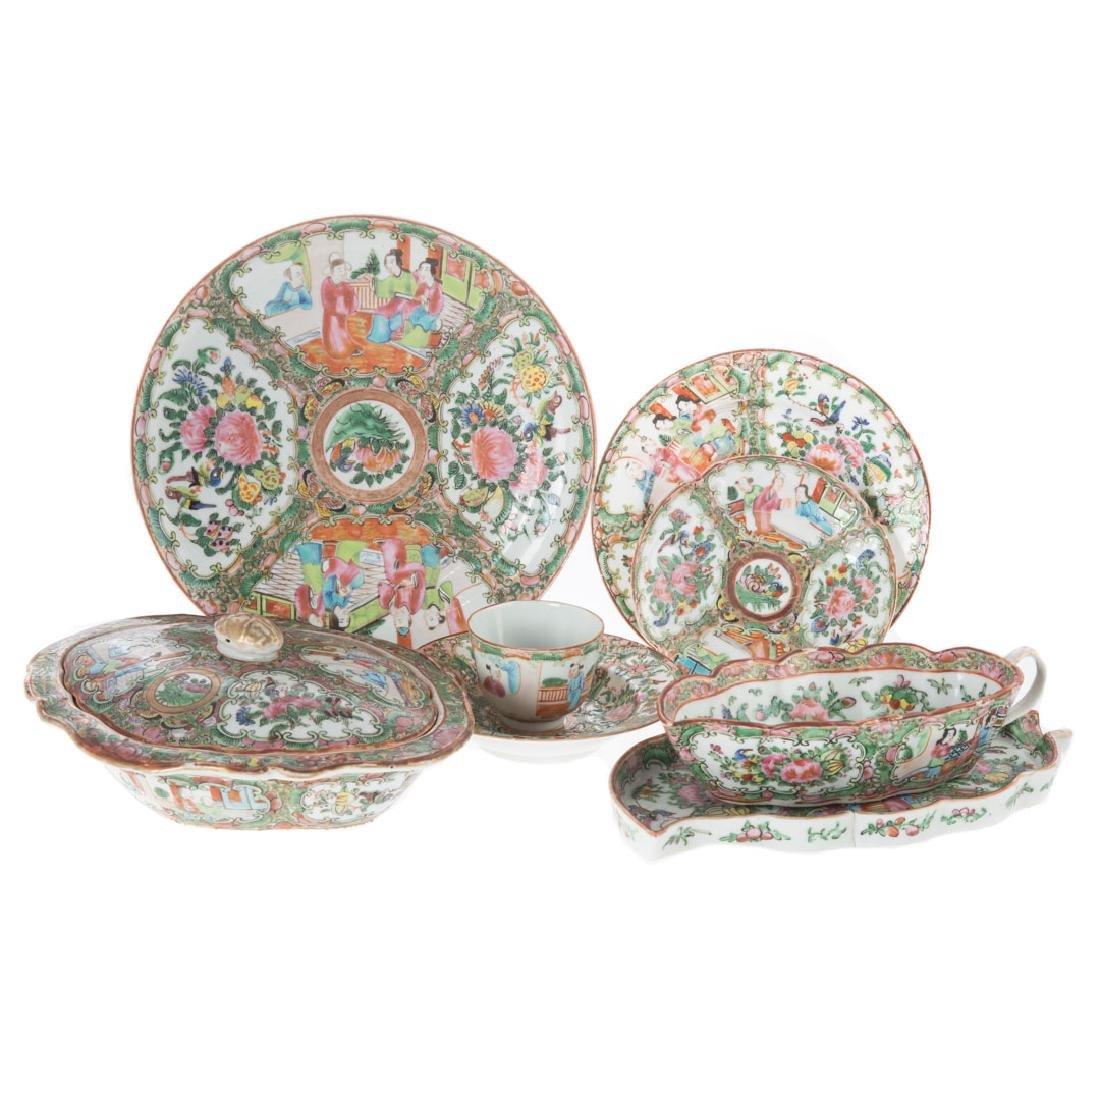 Chinese Rose Medallion porcelain dinner service